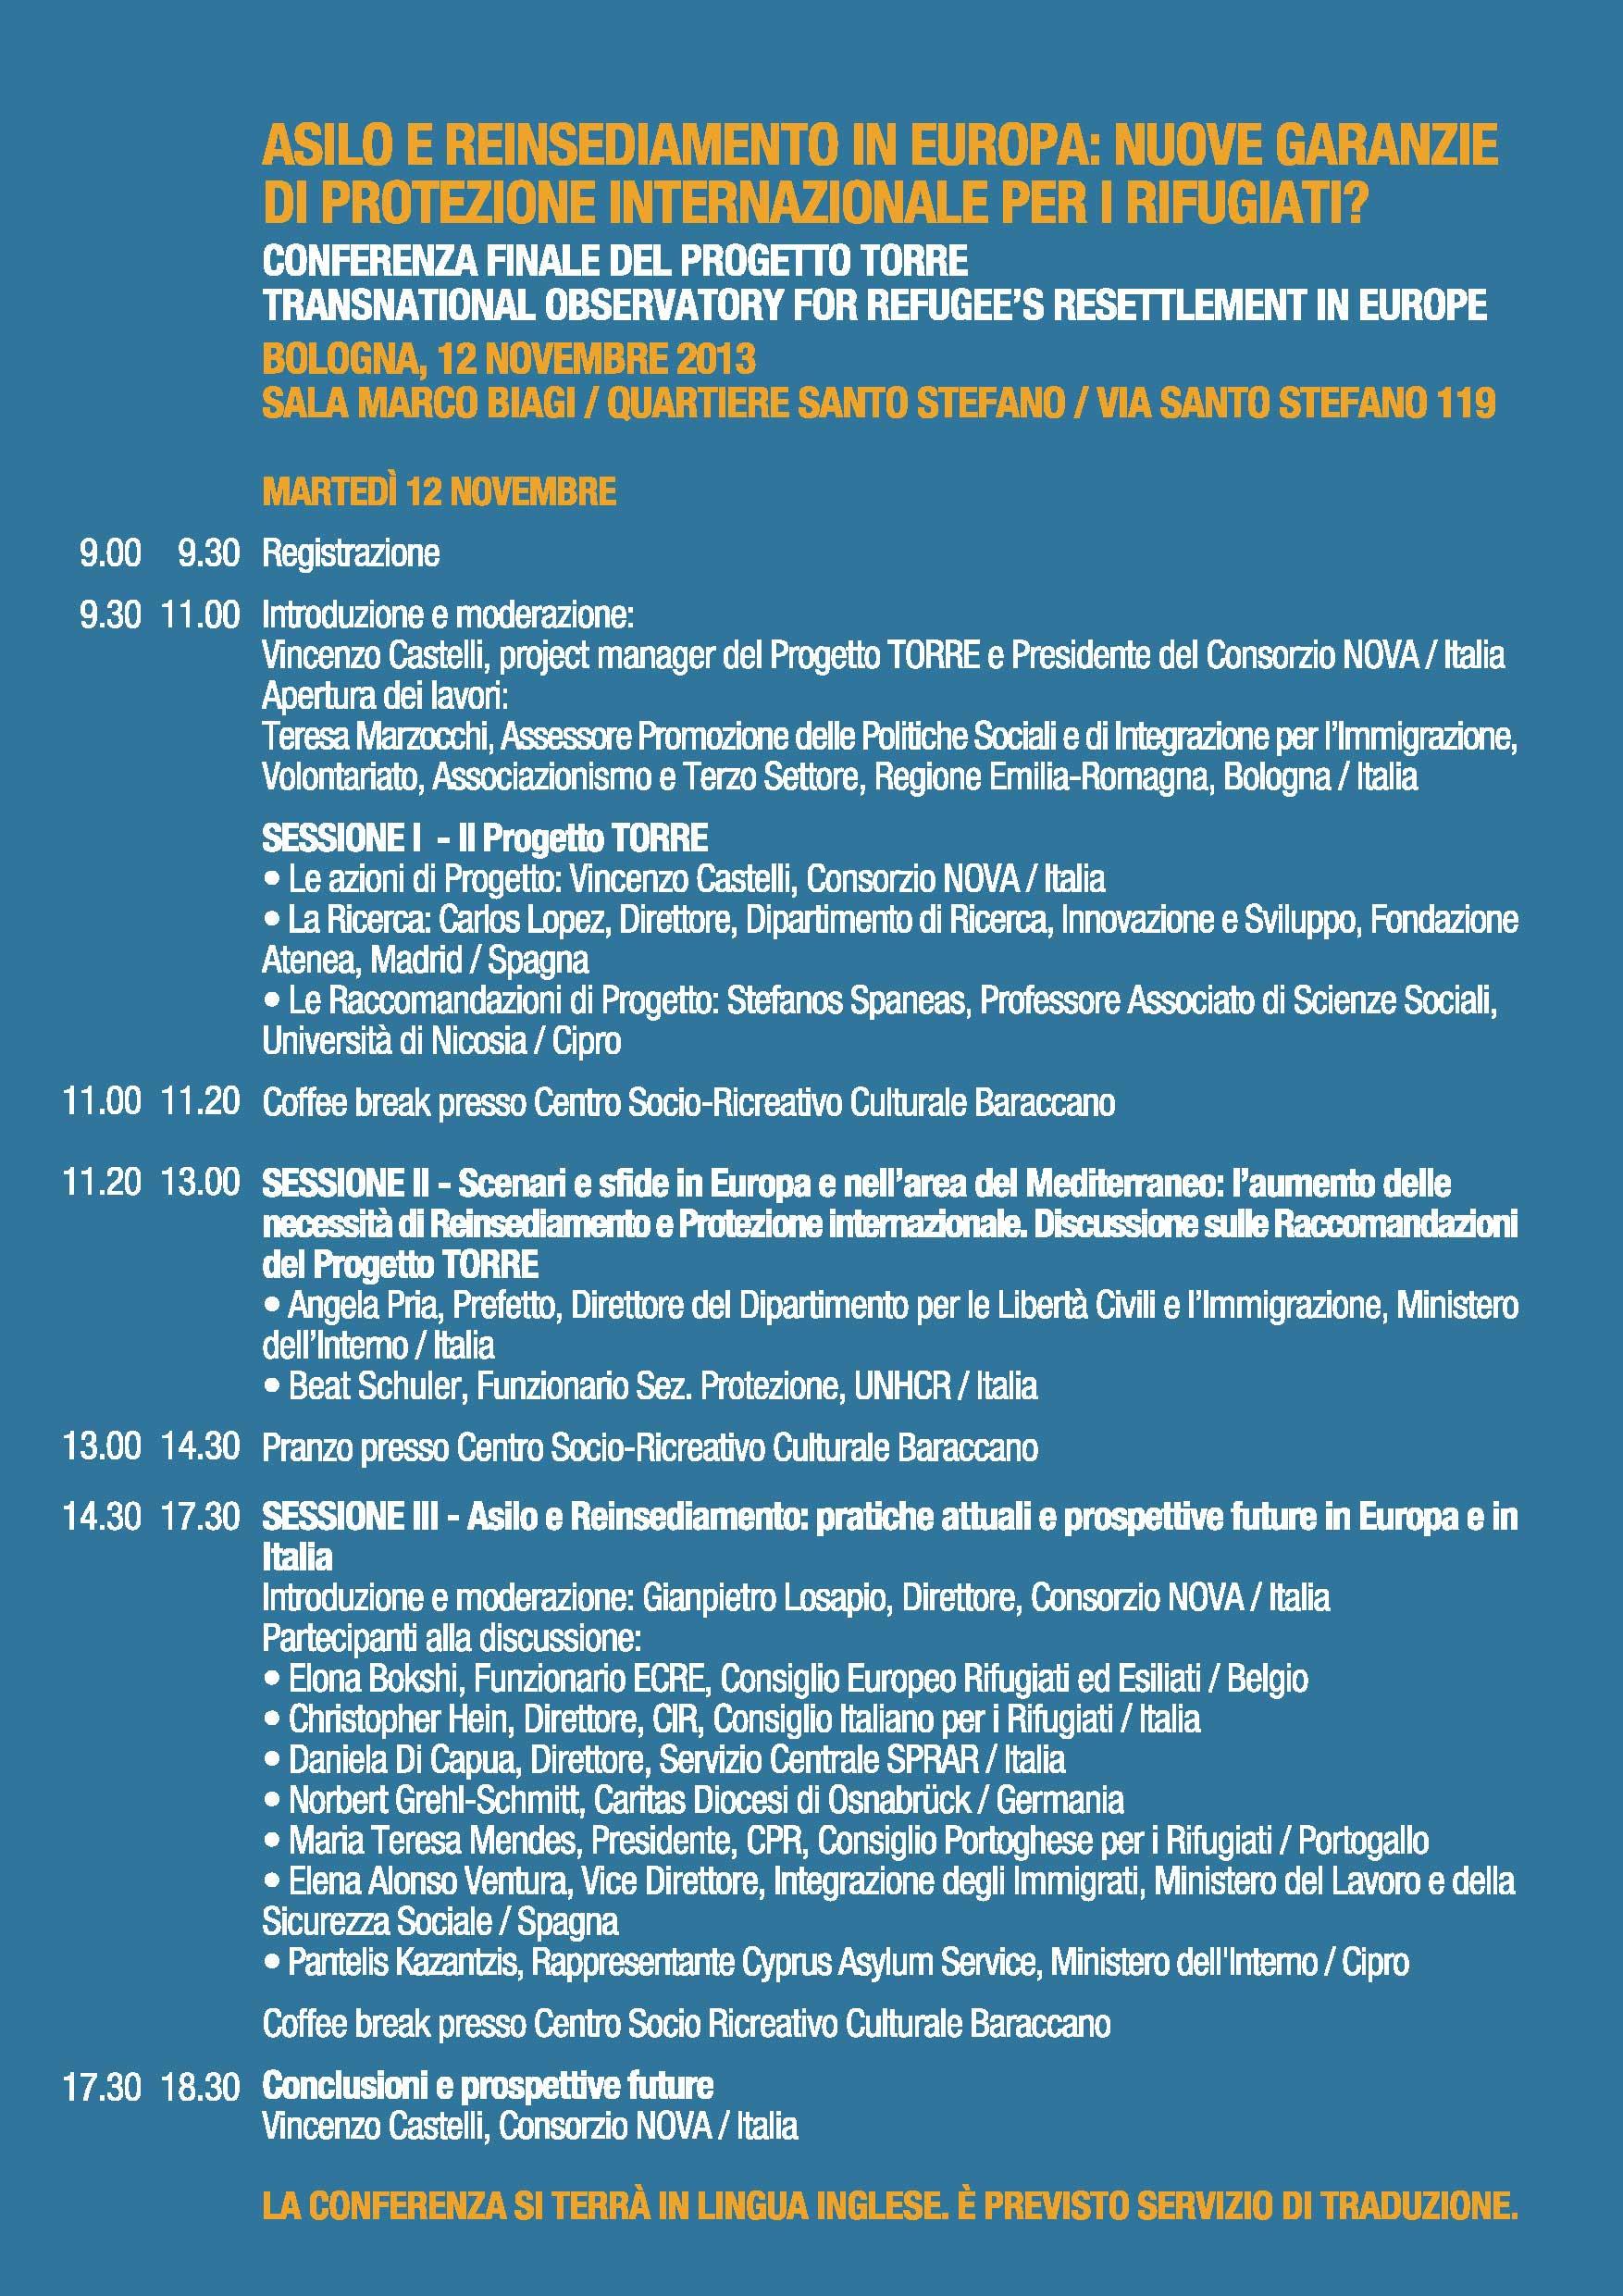 12.11.13-Asilo-e-reinsediamento-in-Europa_Pagina_2